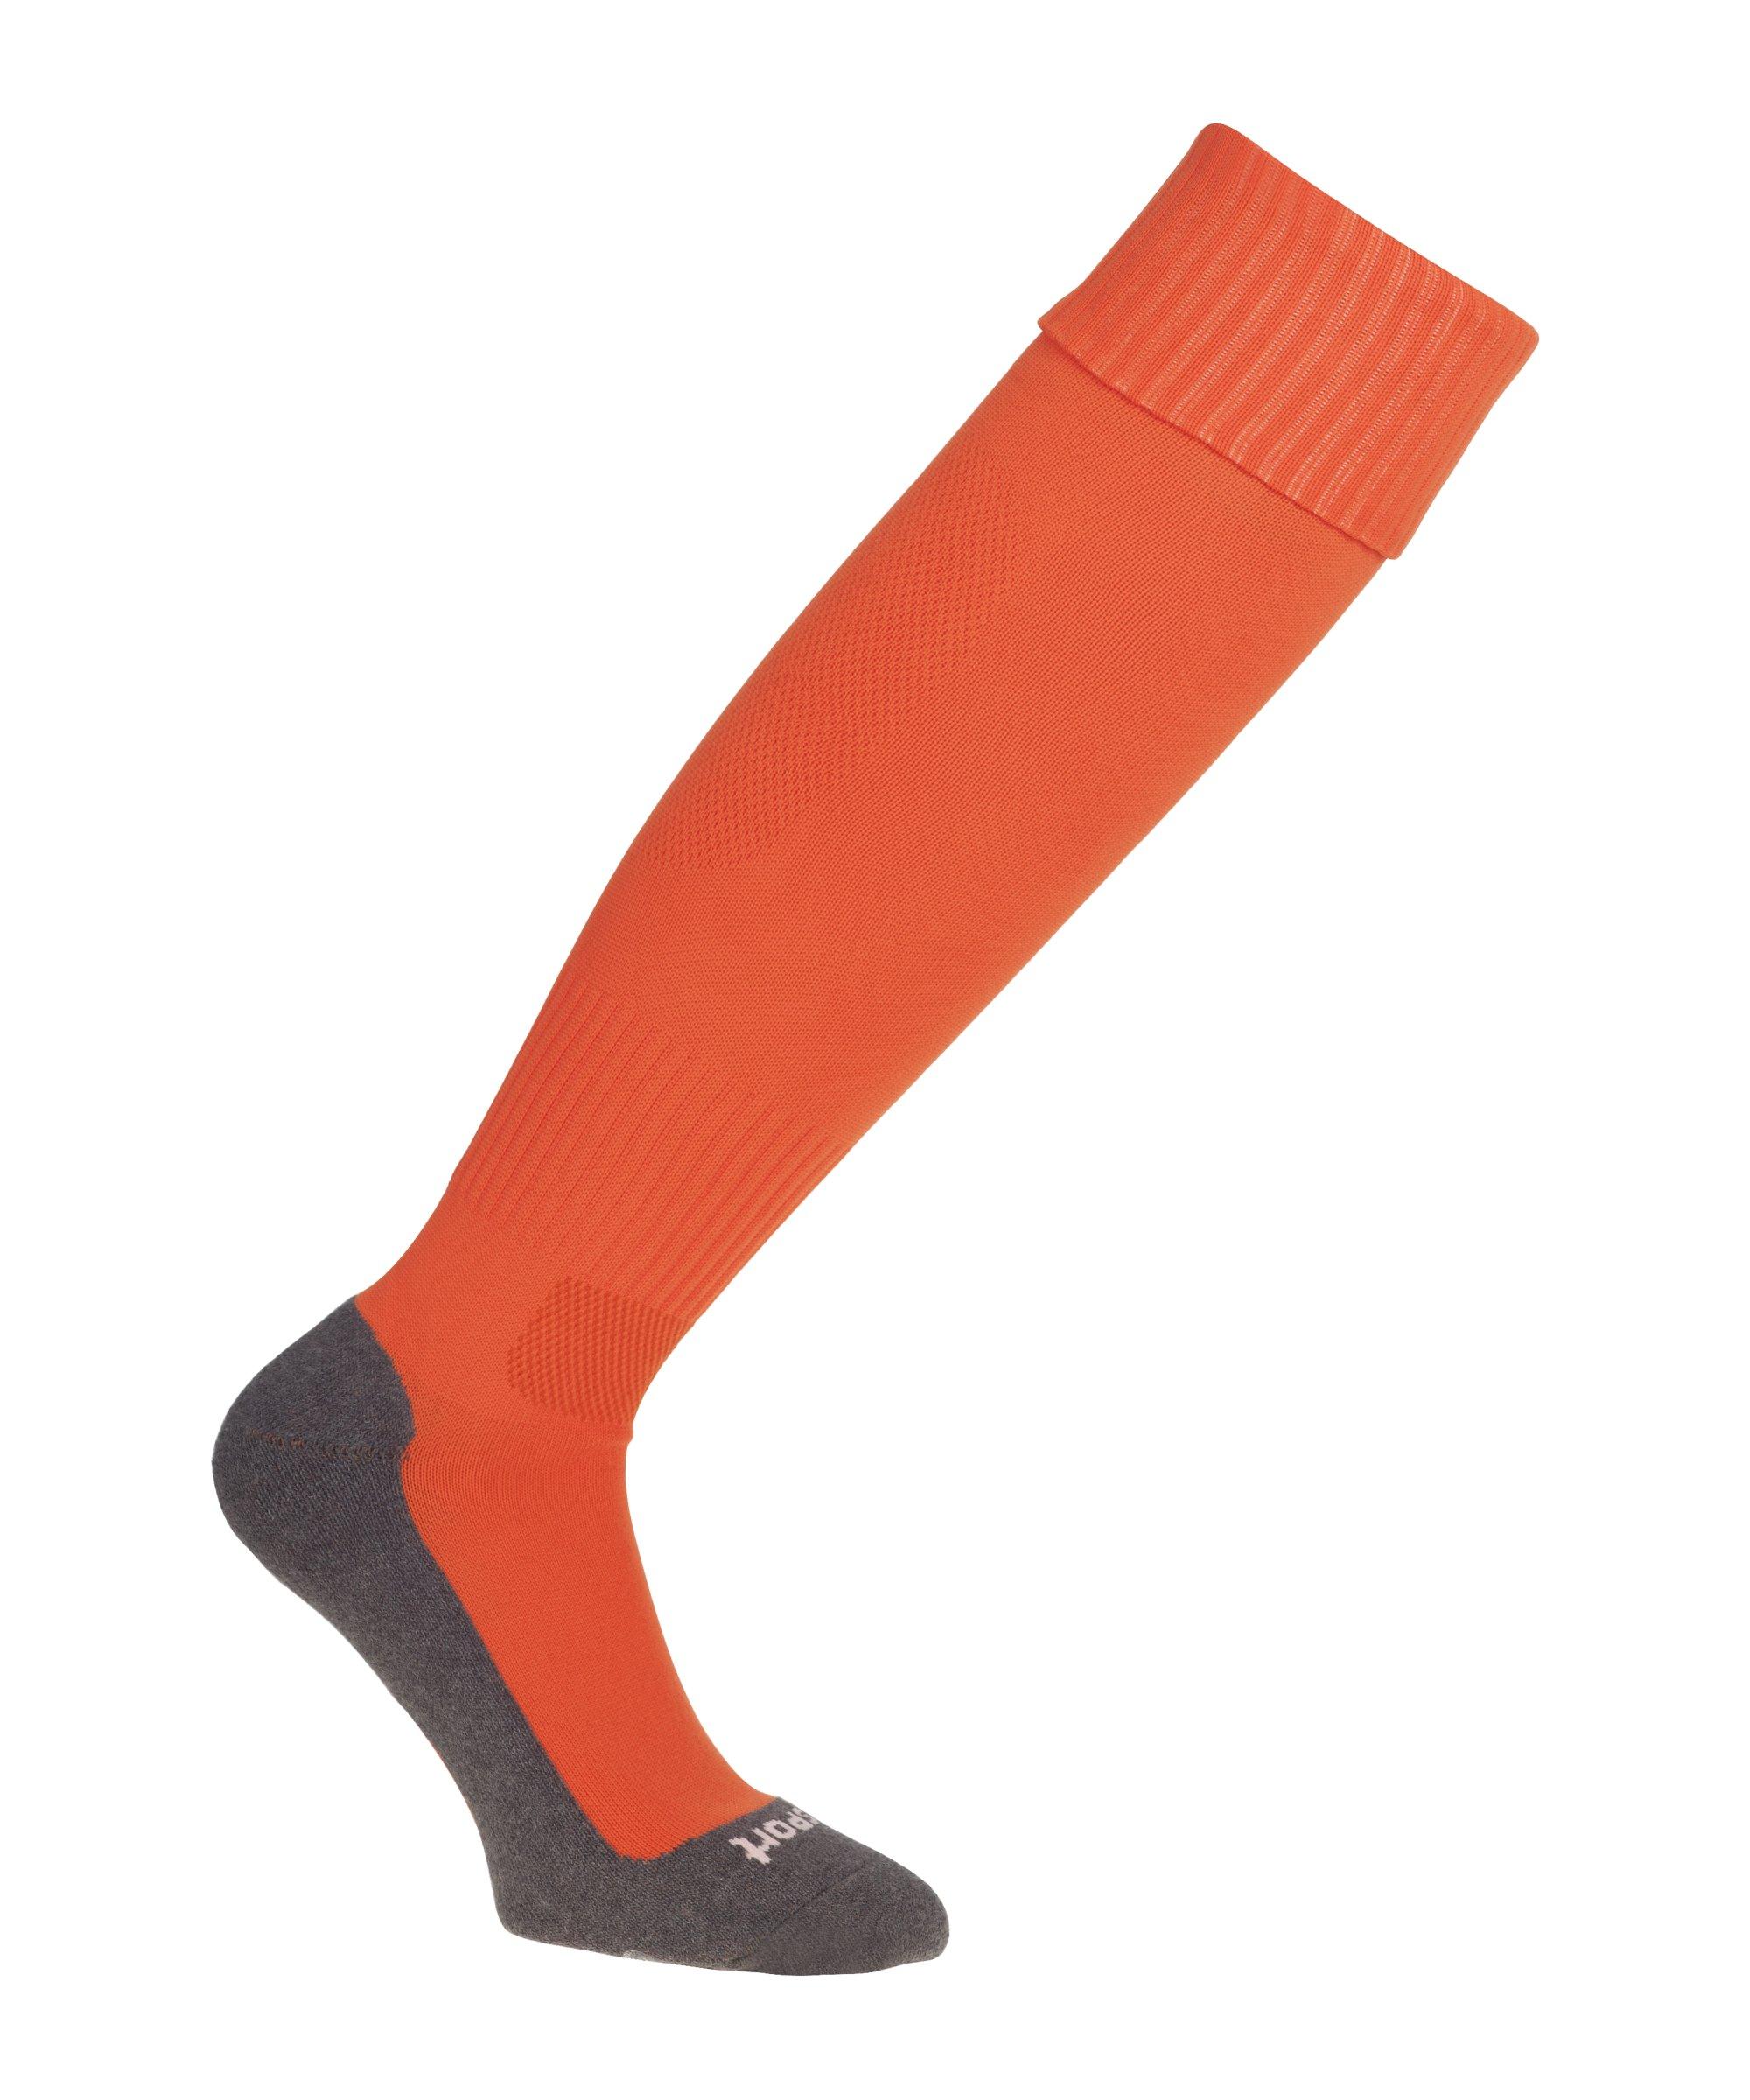 Uhlsport Stutzenstrumpf Team Pro Essential F17 - orange